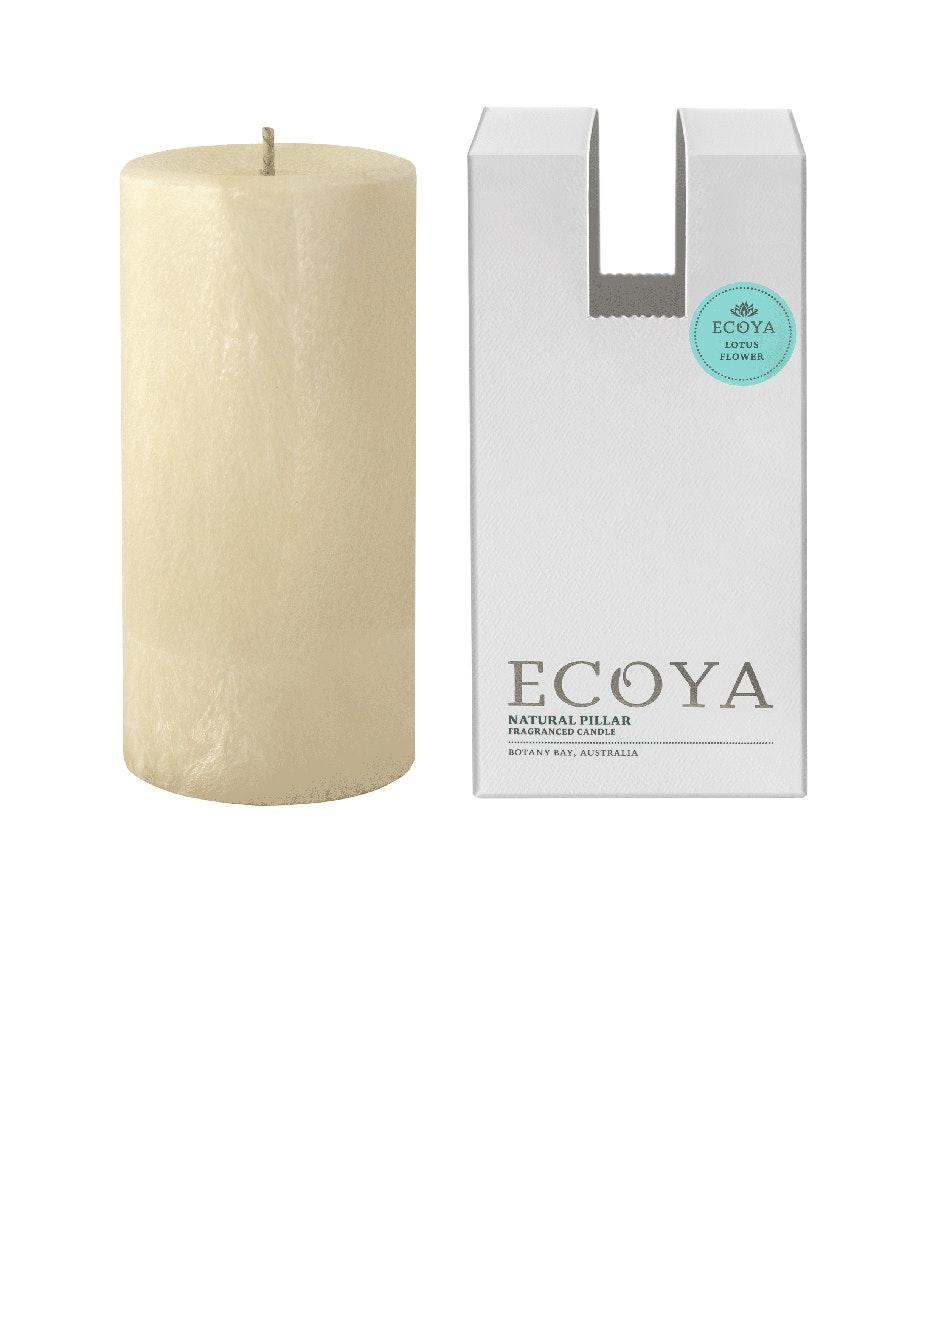 Ecoya - Pillar 75x155 Natural - Lotus Flower